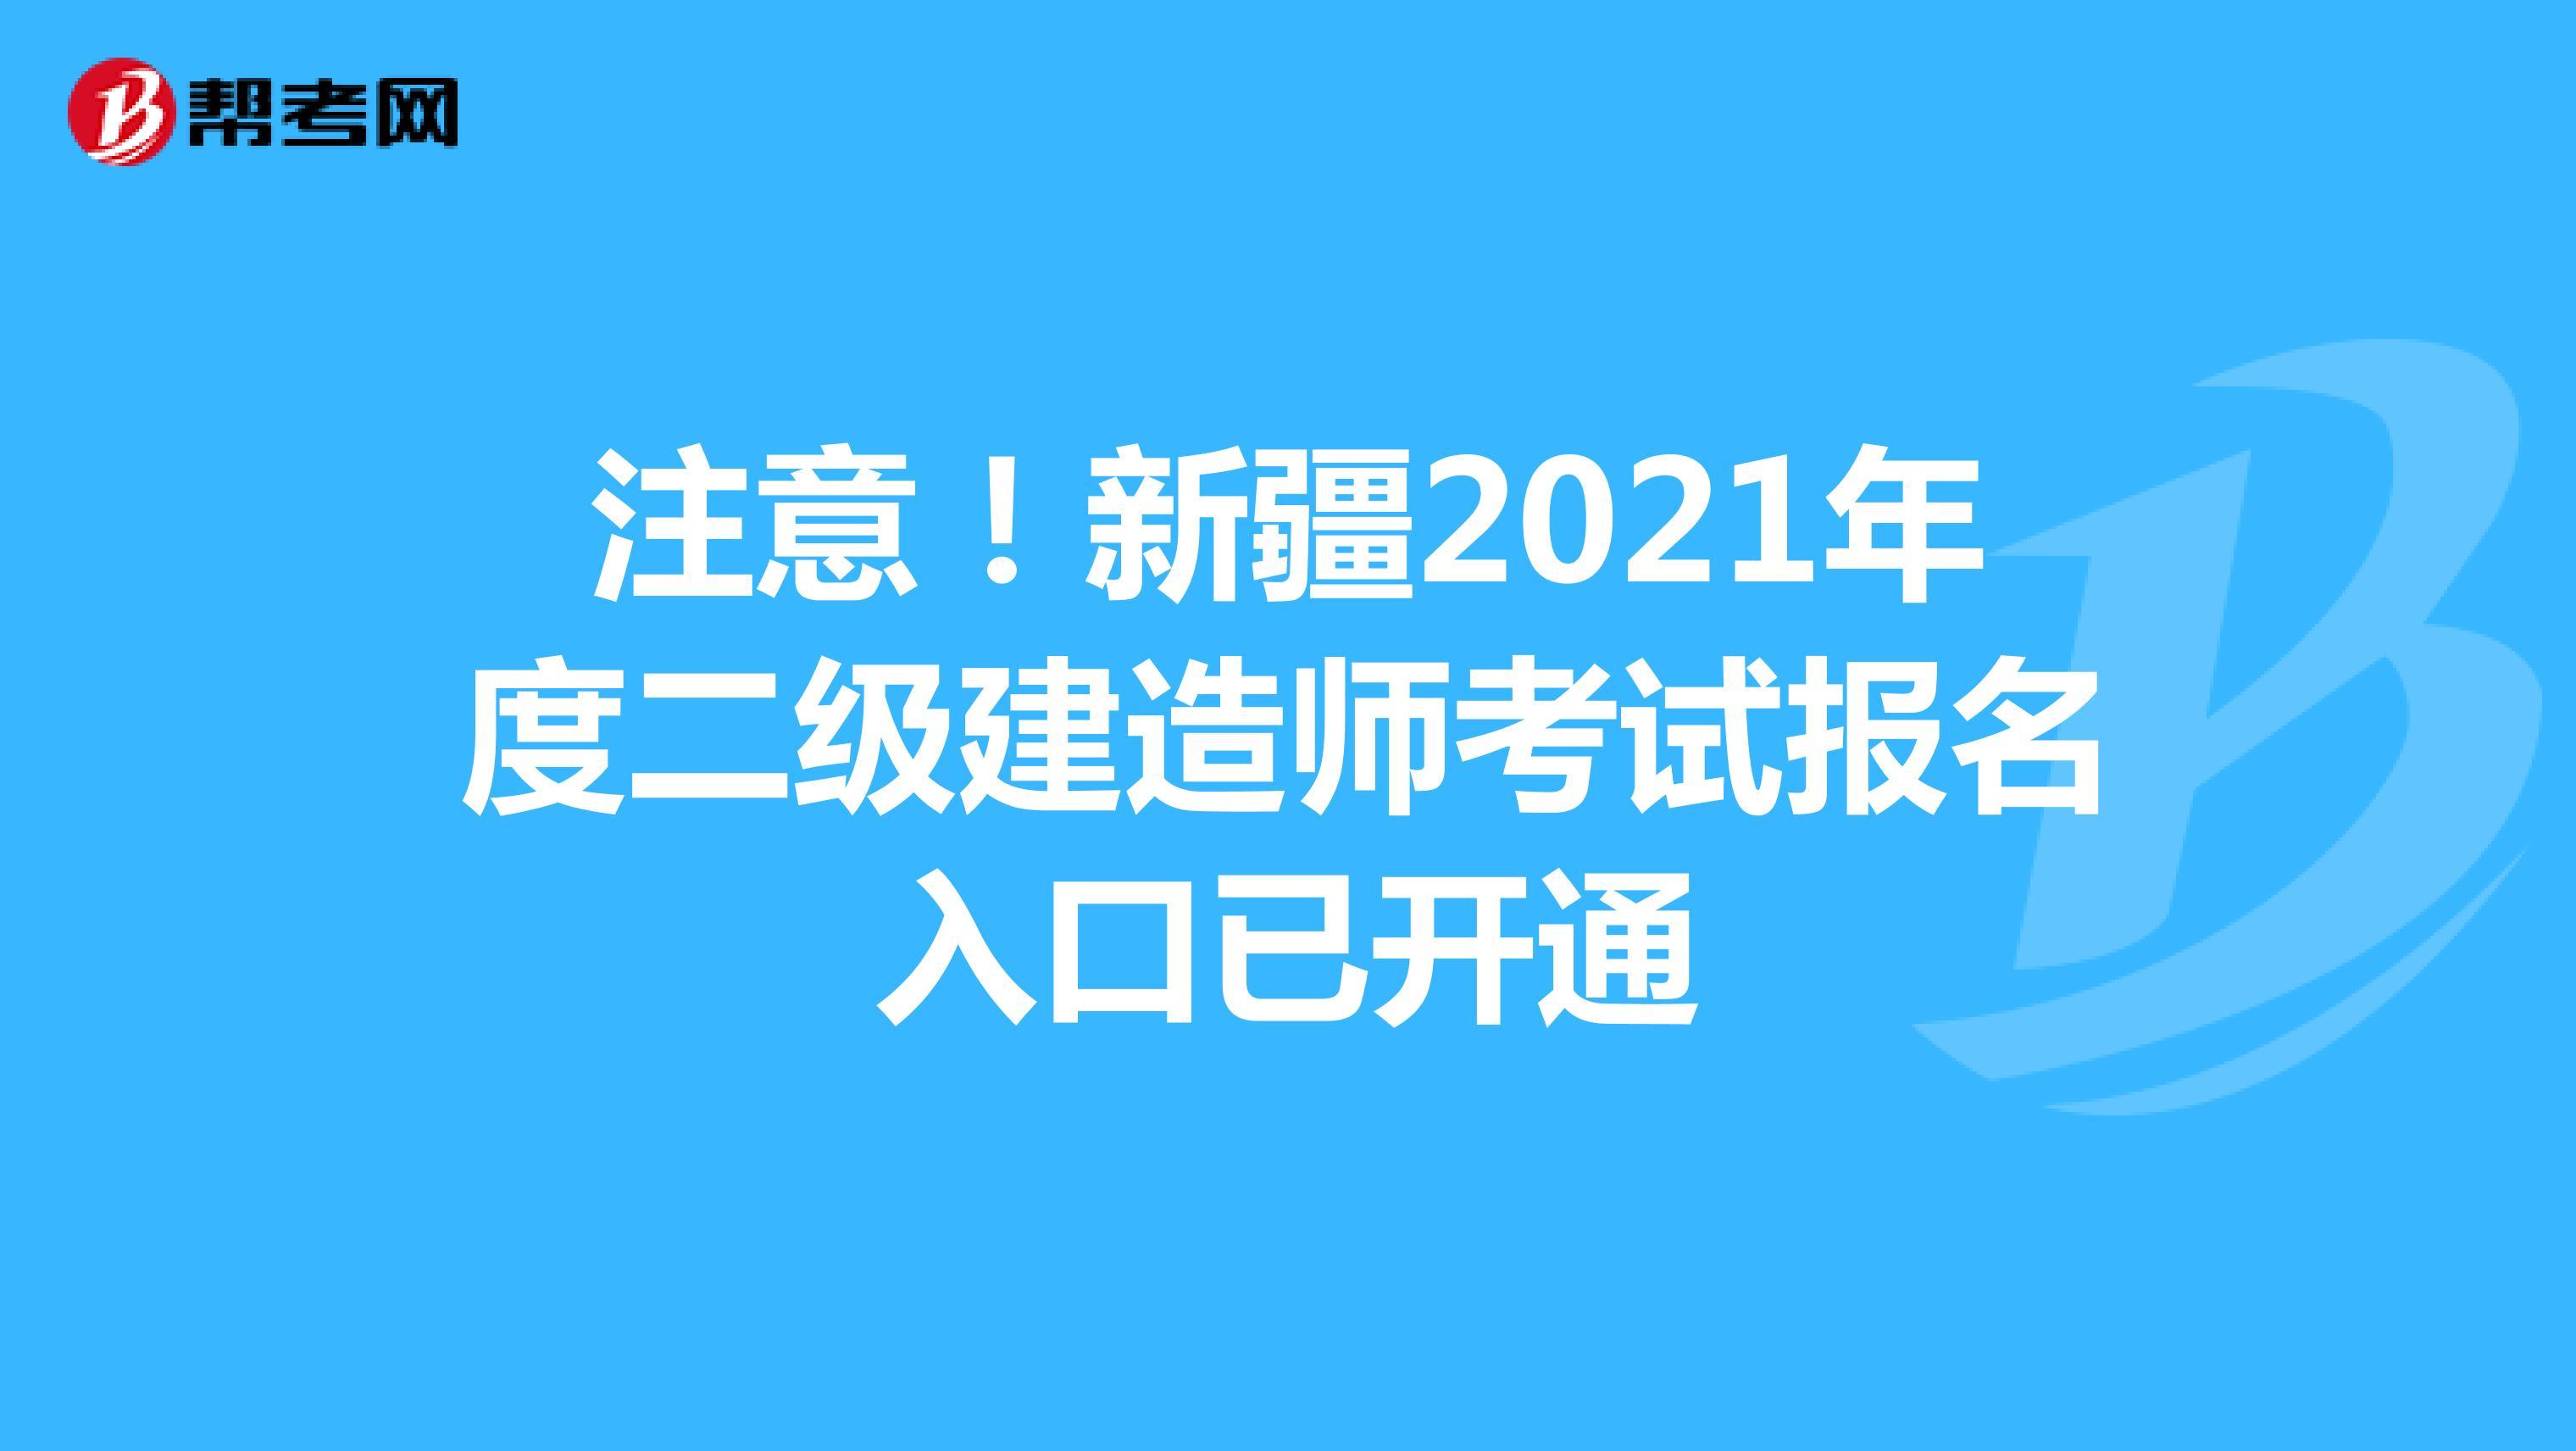 注意!新疆2021年度二級建造師考試報名入口已開通